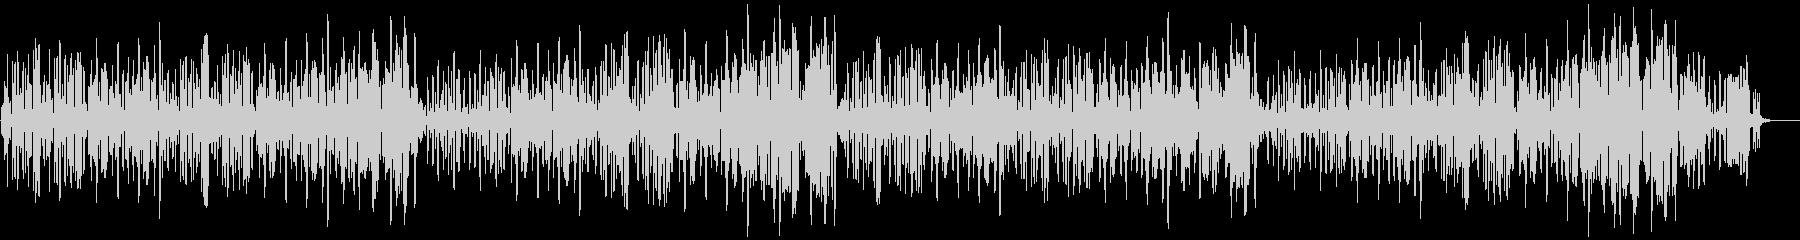 リコーダーの元気で可愛い曲2_ロングの未再生の波形